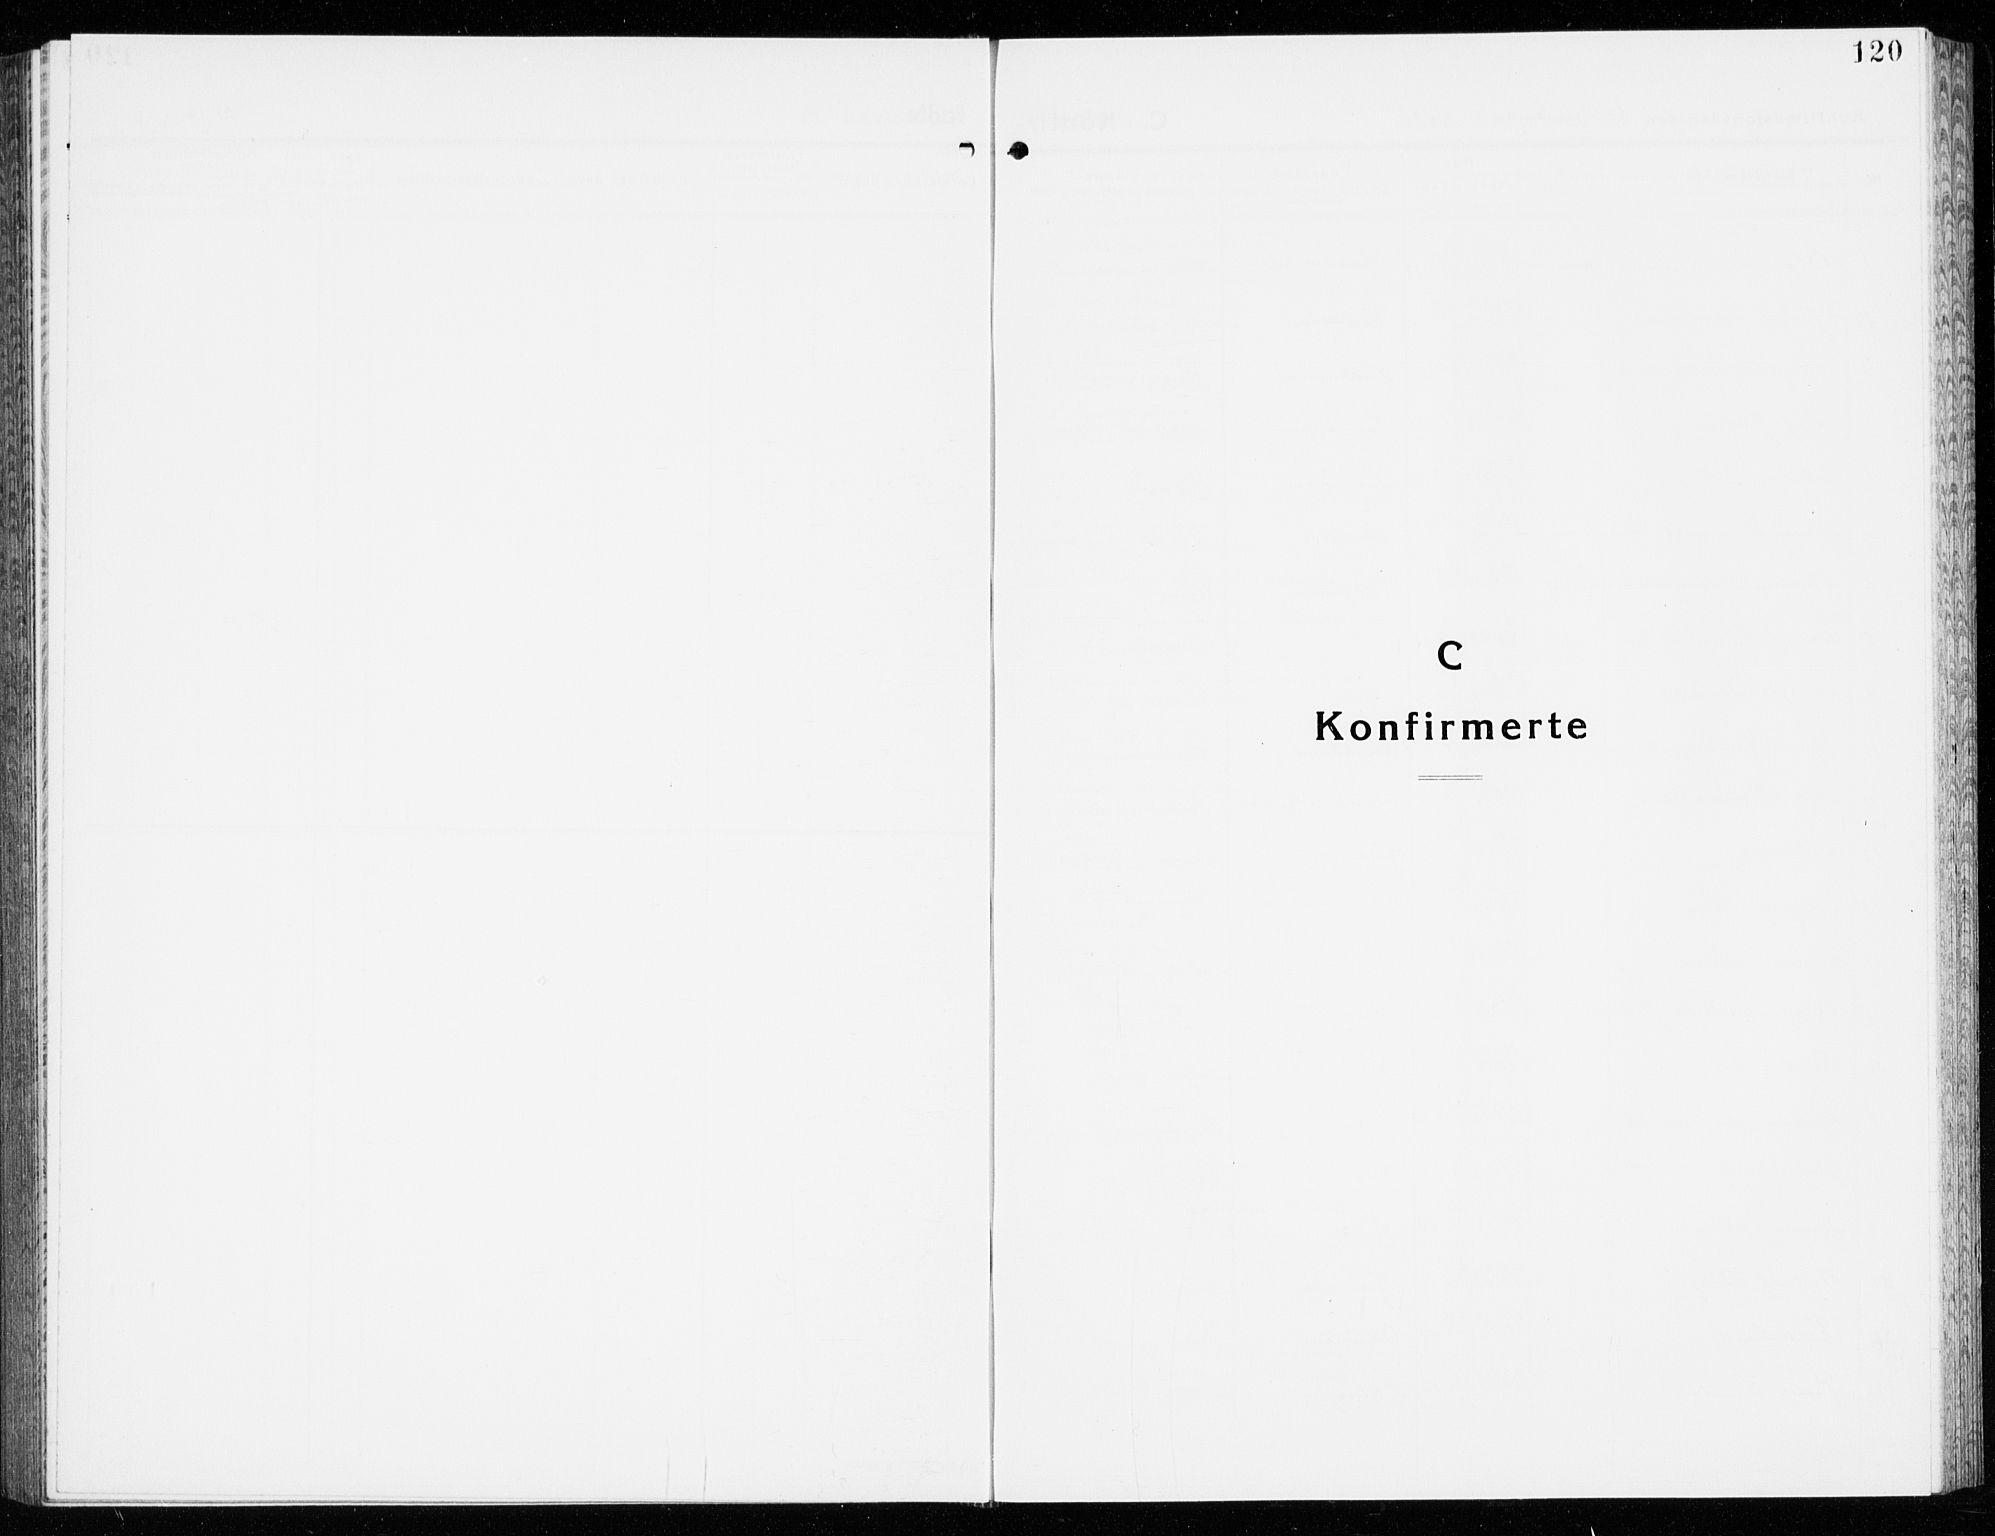 SAKO, Eidanger kirkebøker, G/Ga/L0005: Klokkerbok nr. 5, 1928-1942, s. 120